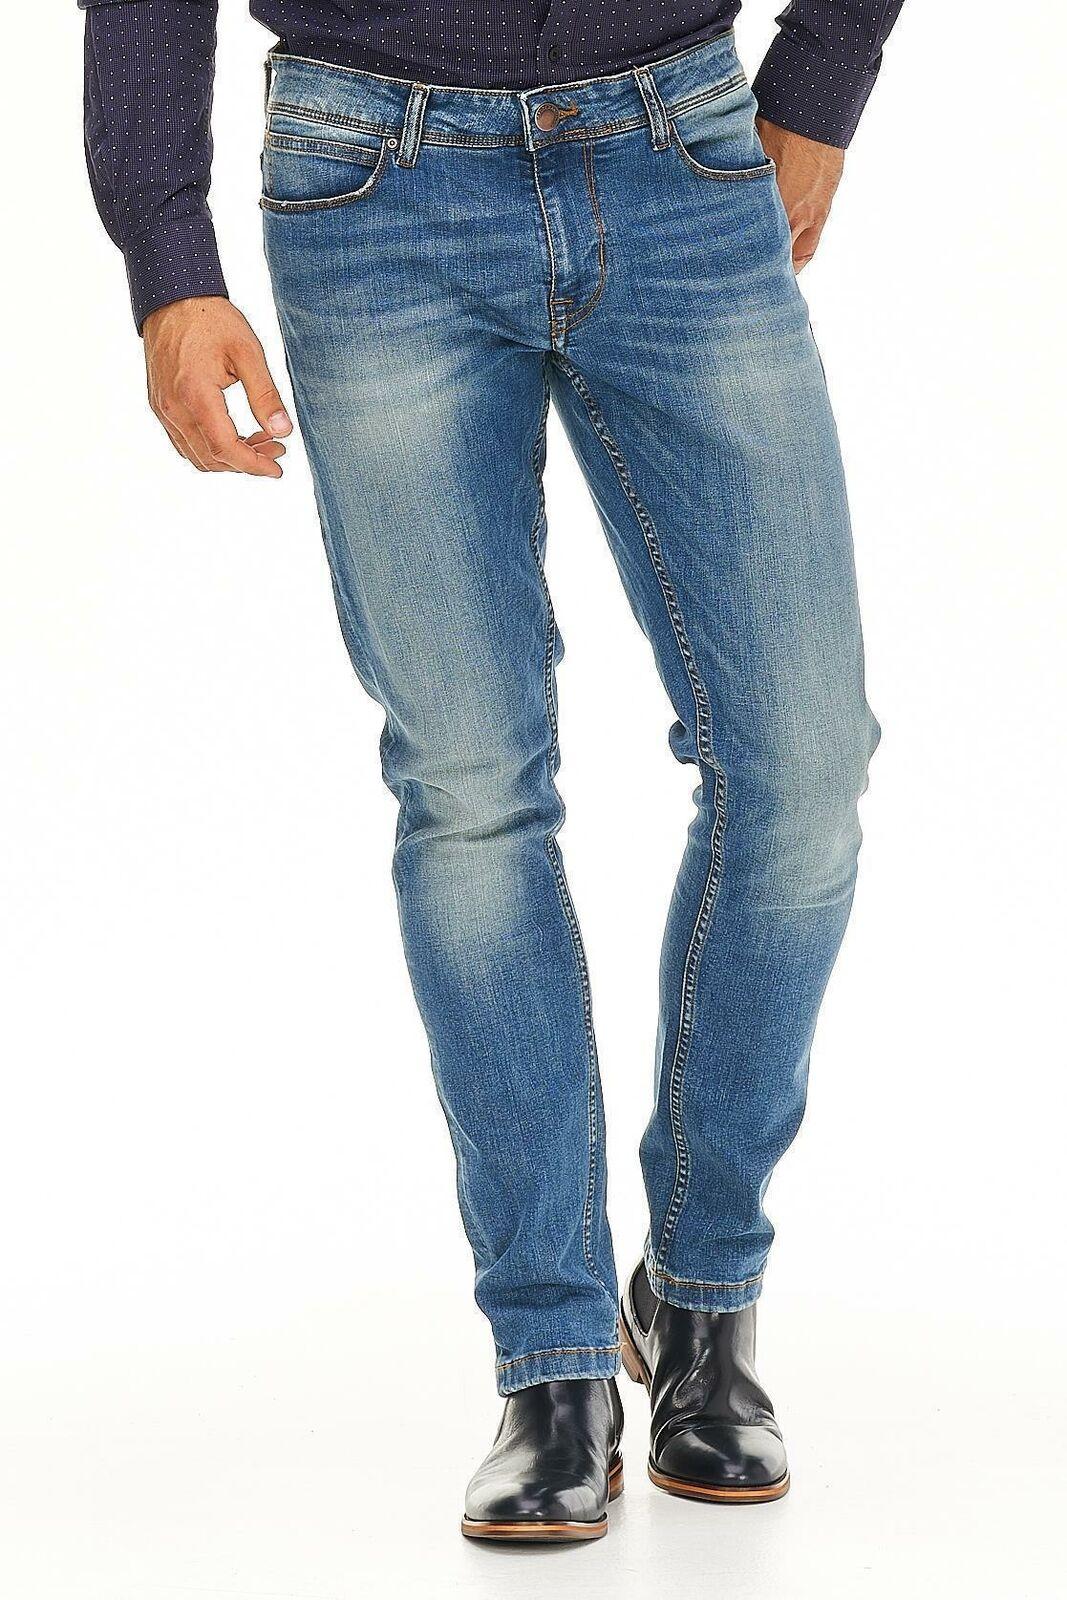 Gaudi - Martin Jeans Herren Hose blau Designer Neu